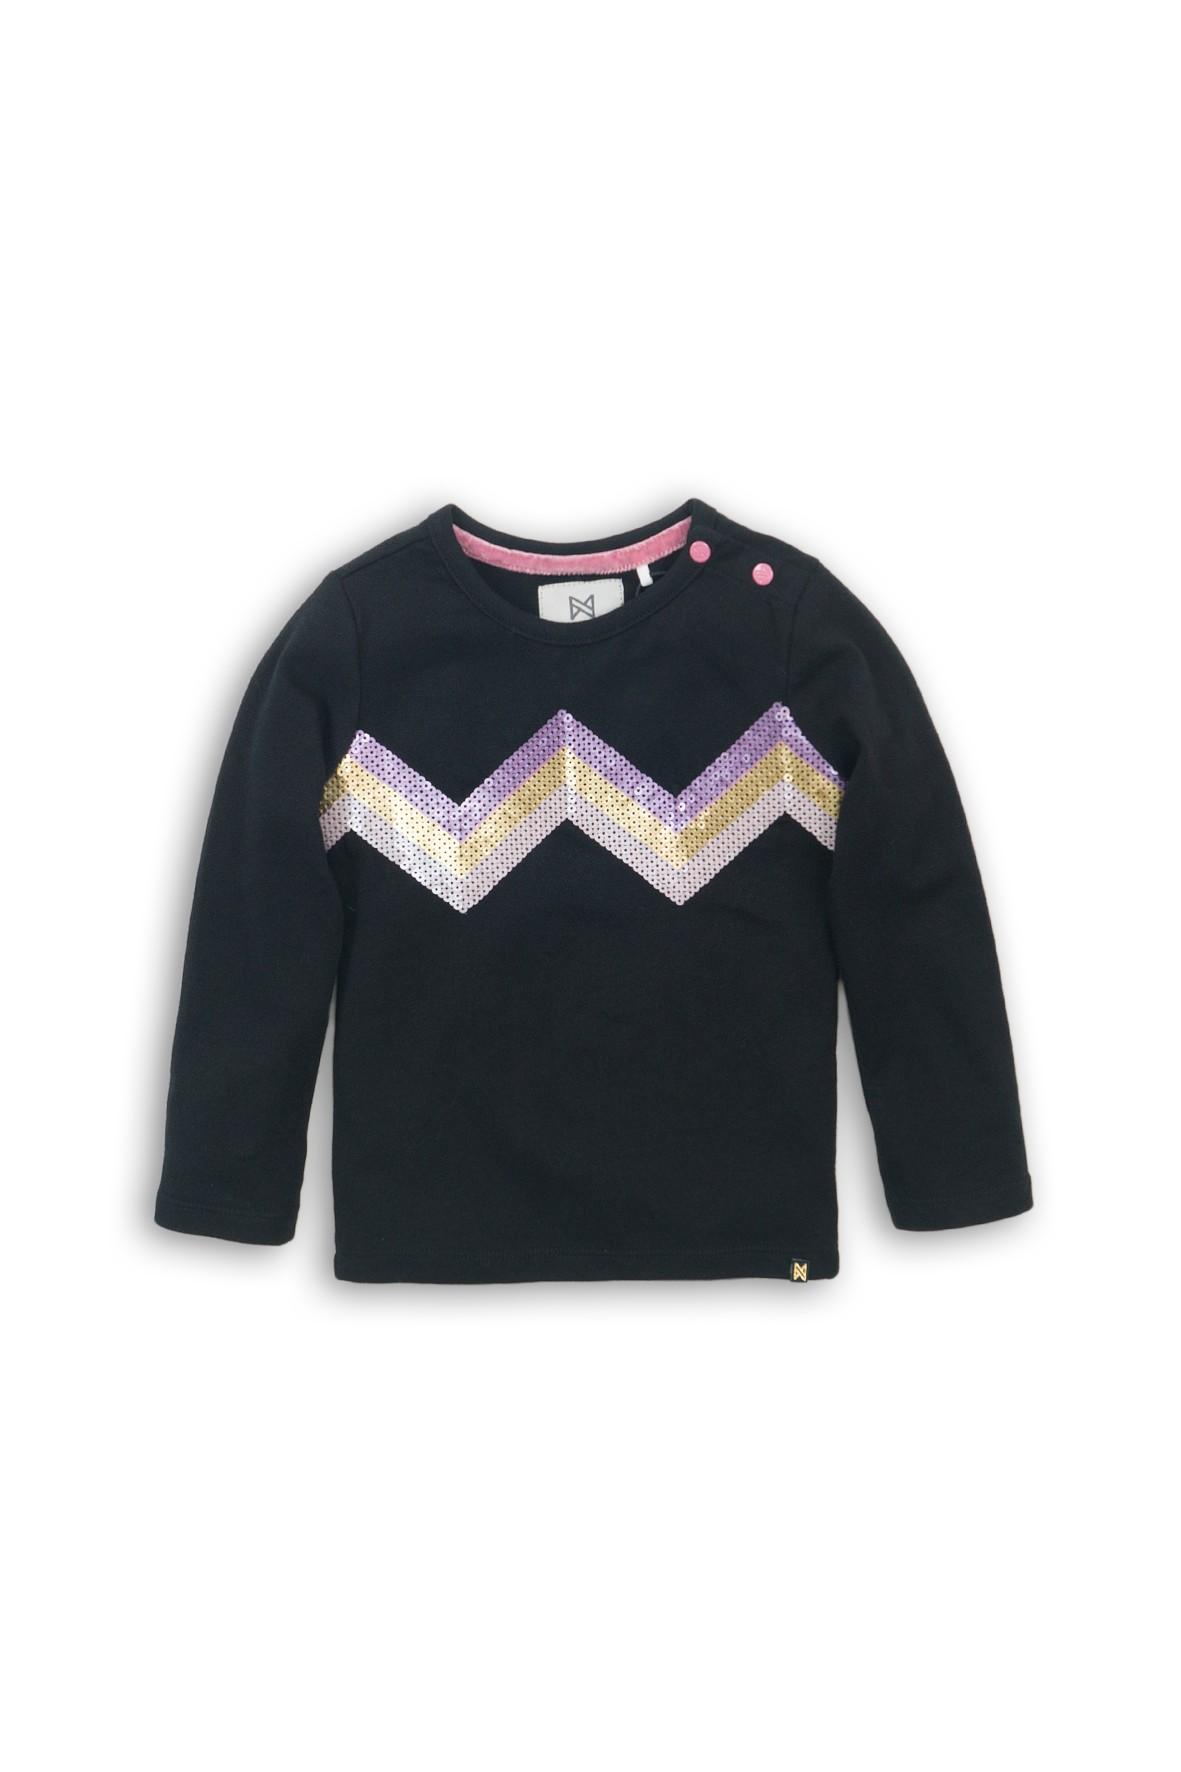 Bluzka dla dziewczynki- czarna z cekinowym wzorem